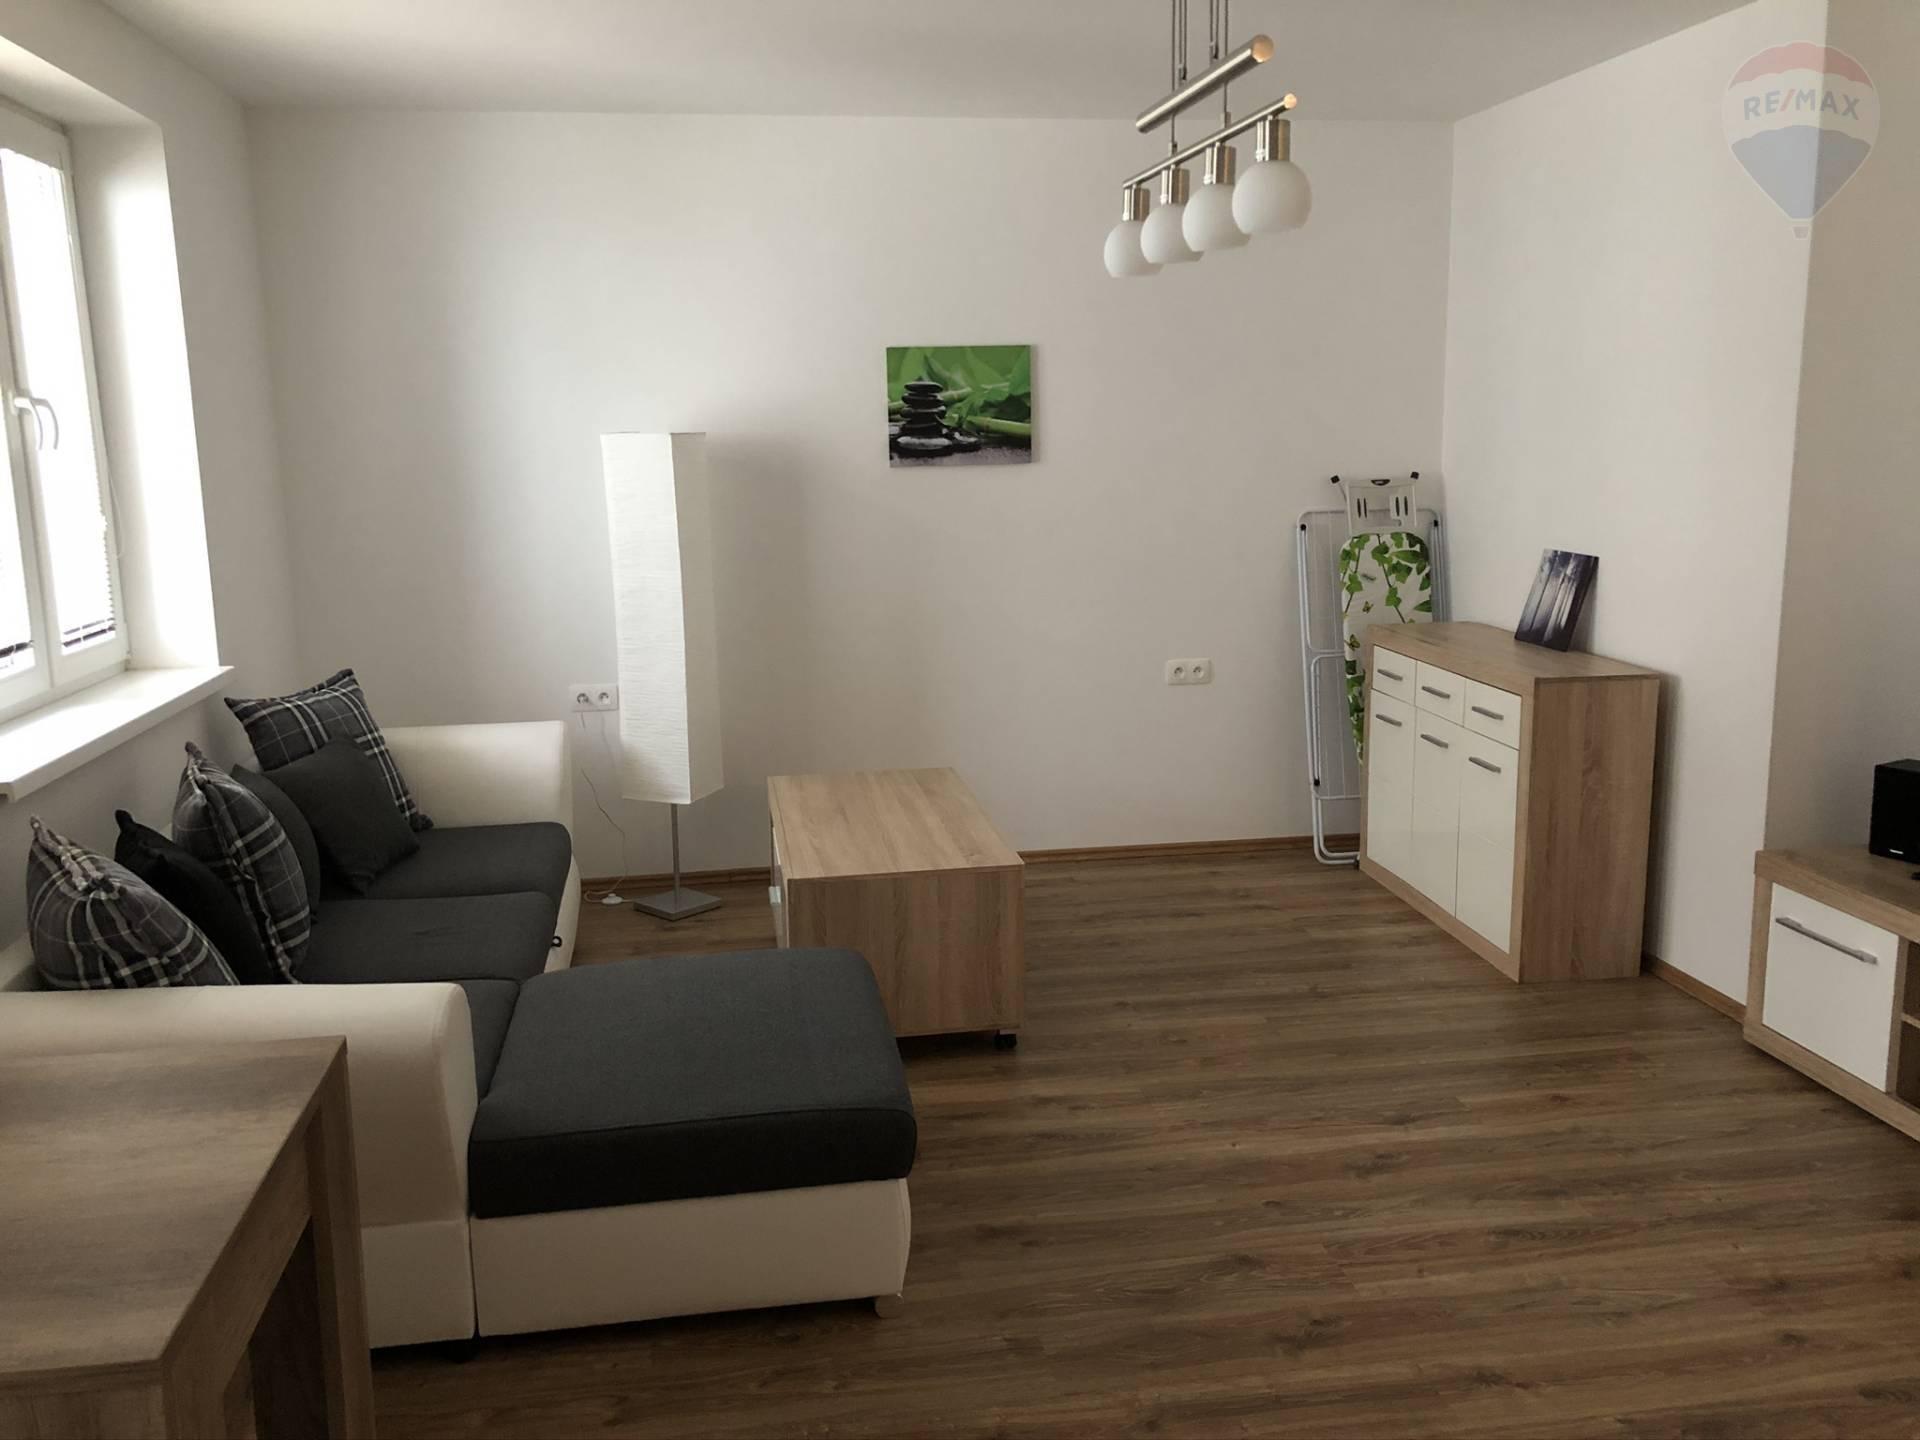 Prenájom bytu (1 izbový) 39 m2, Nitra - Prenájom Čermáň Nitra